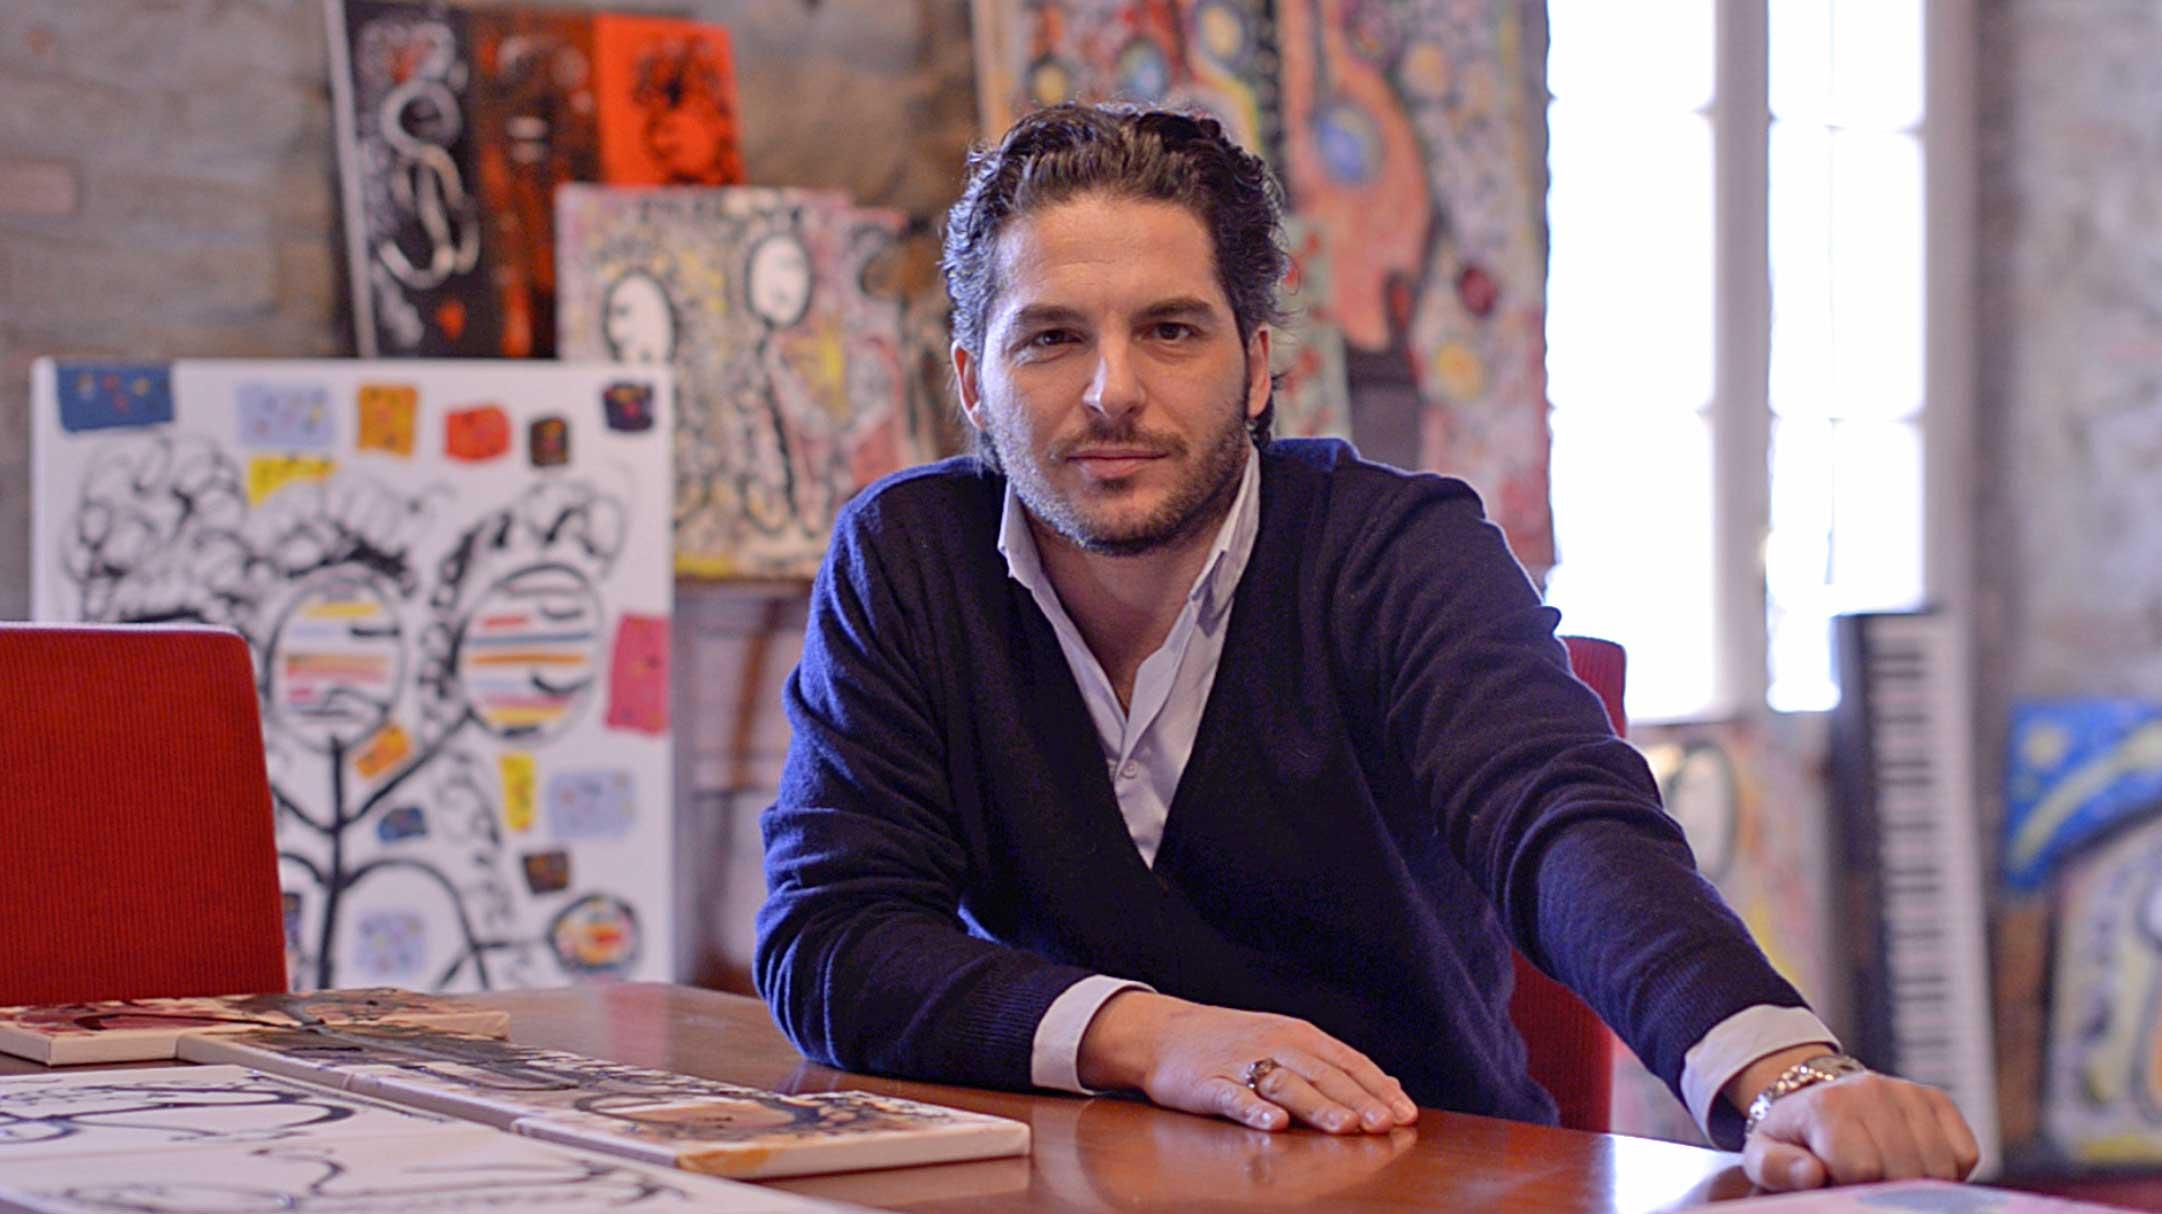 L'intervista condotta a Riccardo Ancillotti